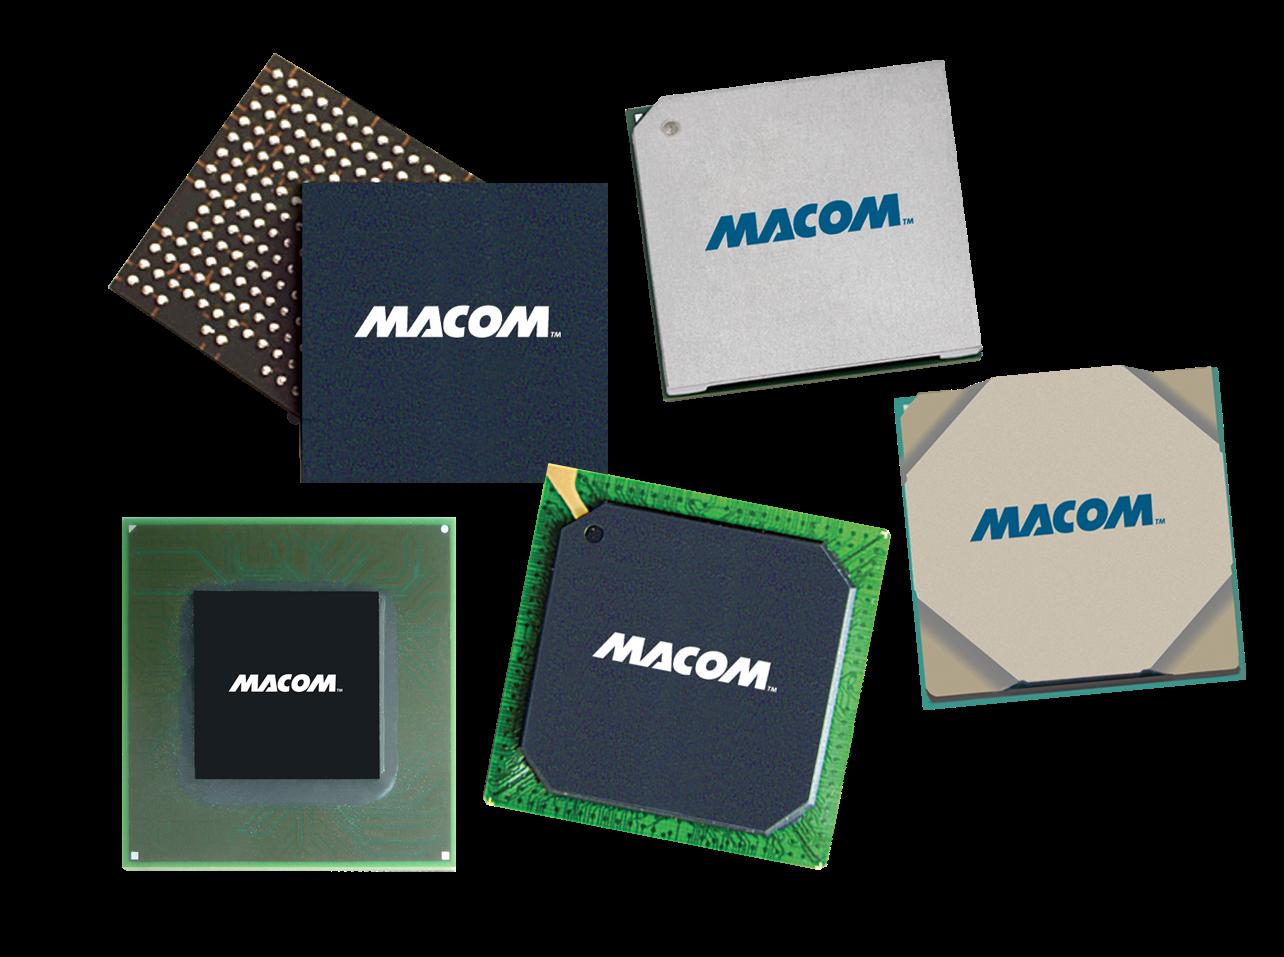 Six MACOM chips.